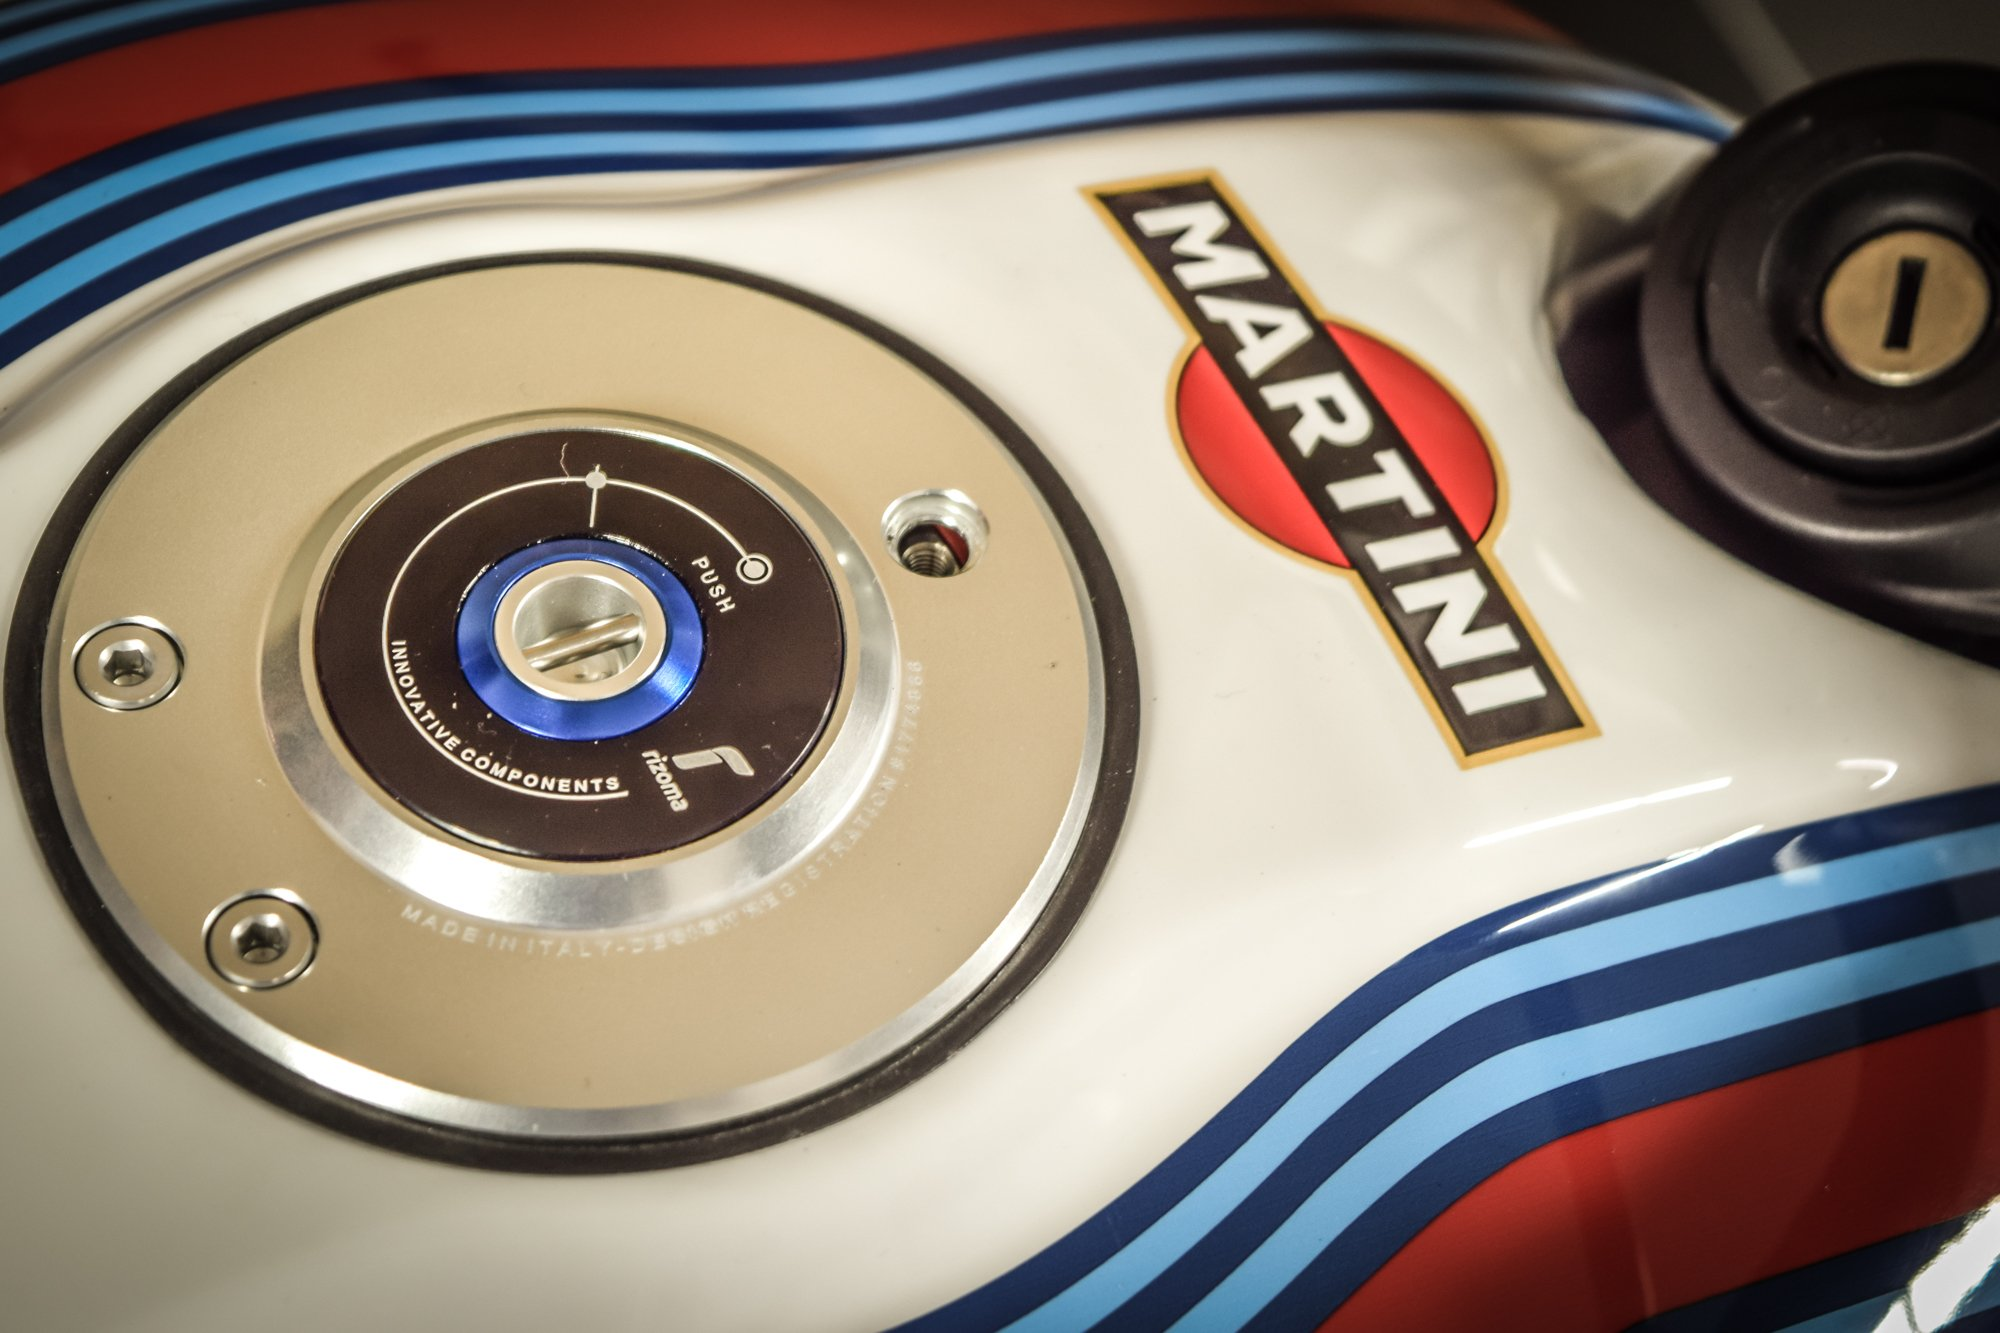 VTR_Customs-BMW_NineT-VTR70- Martin 70 Model